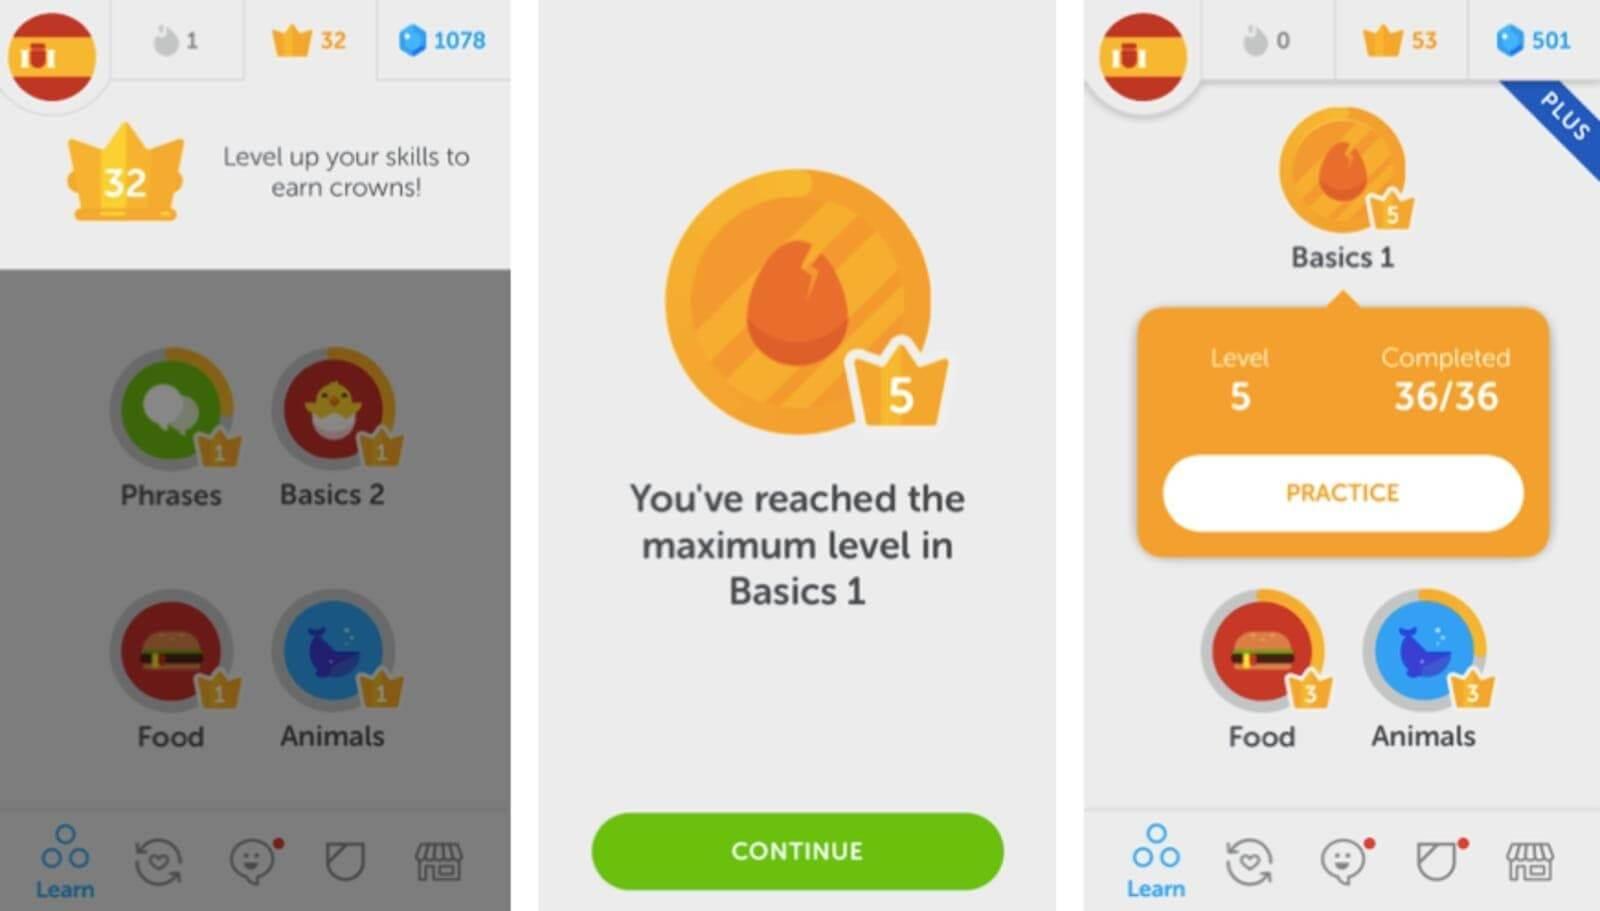 Duolingo-bien-doi-nhiem-vu-hoc-mot-ngon-ngu-moi-thanh-trai-nghiem-hap-dan-de-bien-khach-hang-cu-thanh-fan-cung-cua-thuong-hieu